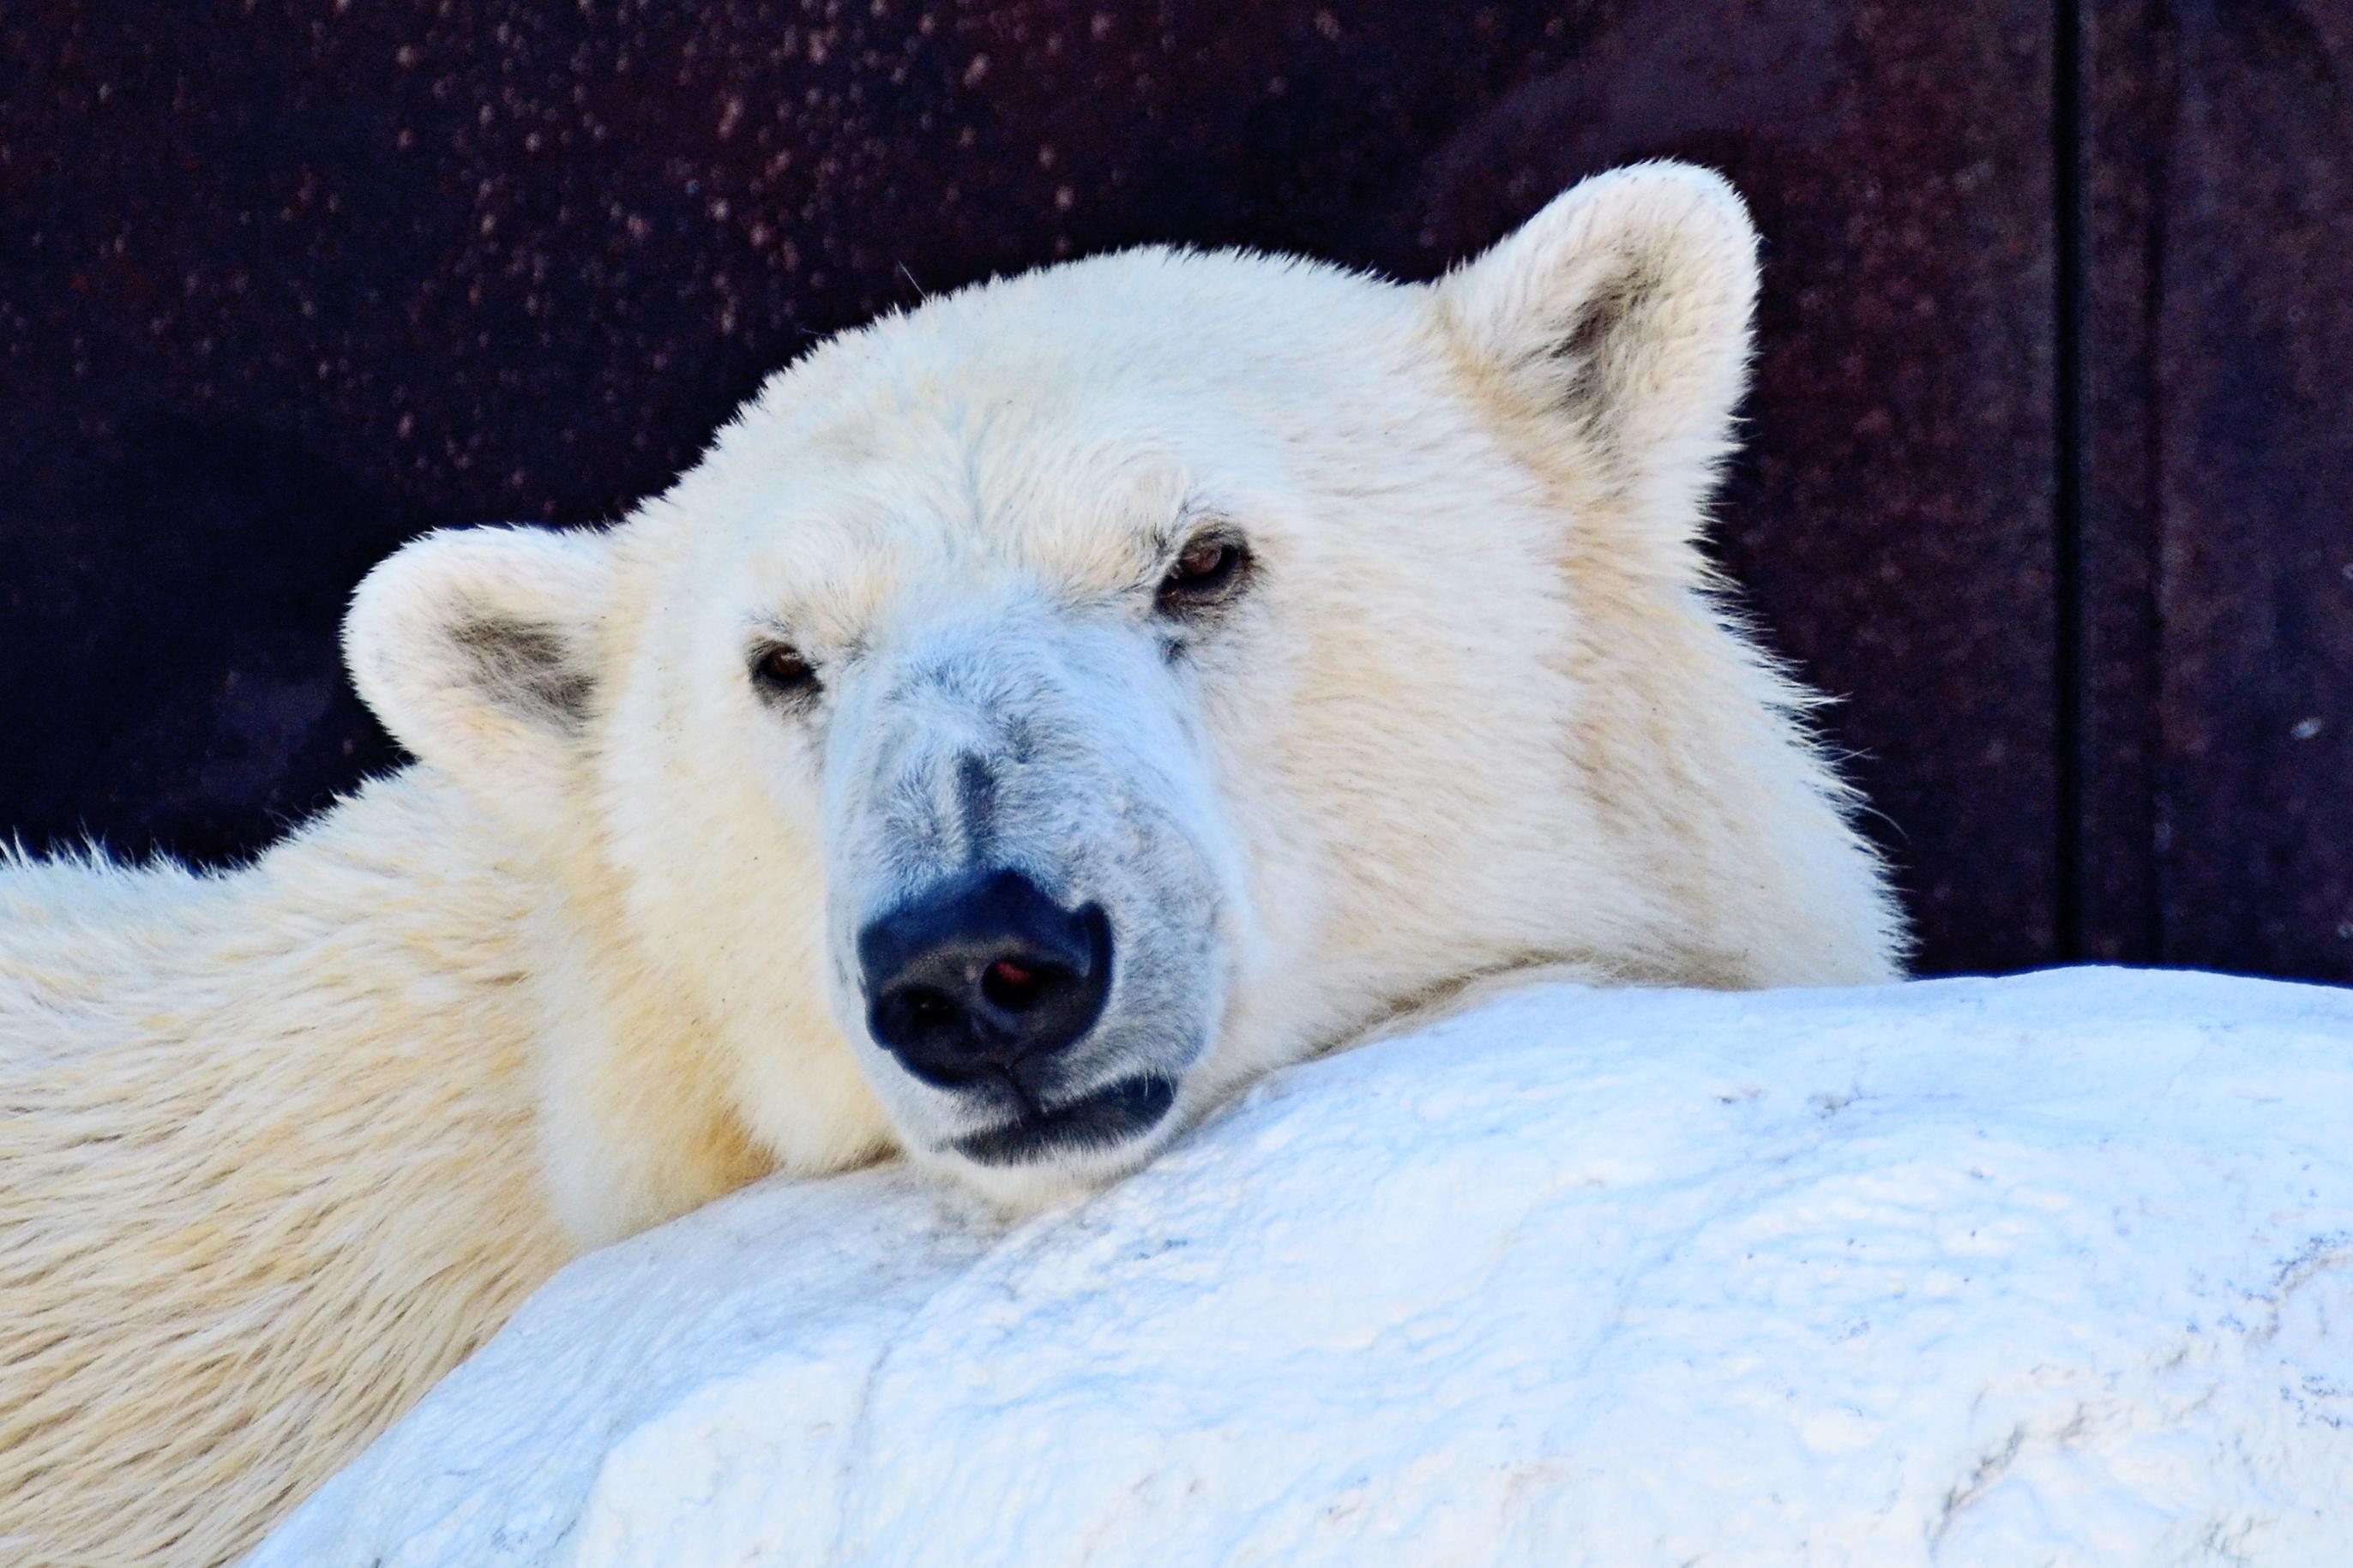 48 Gambar Hewan Panda Yang Cantik Gratis Terbaru